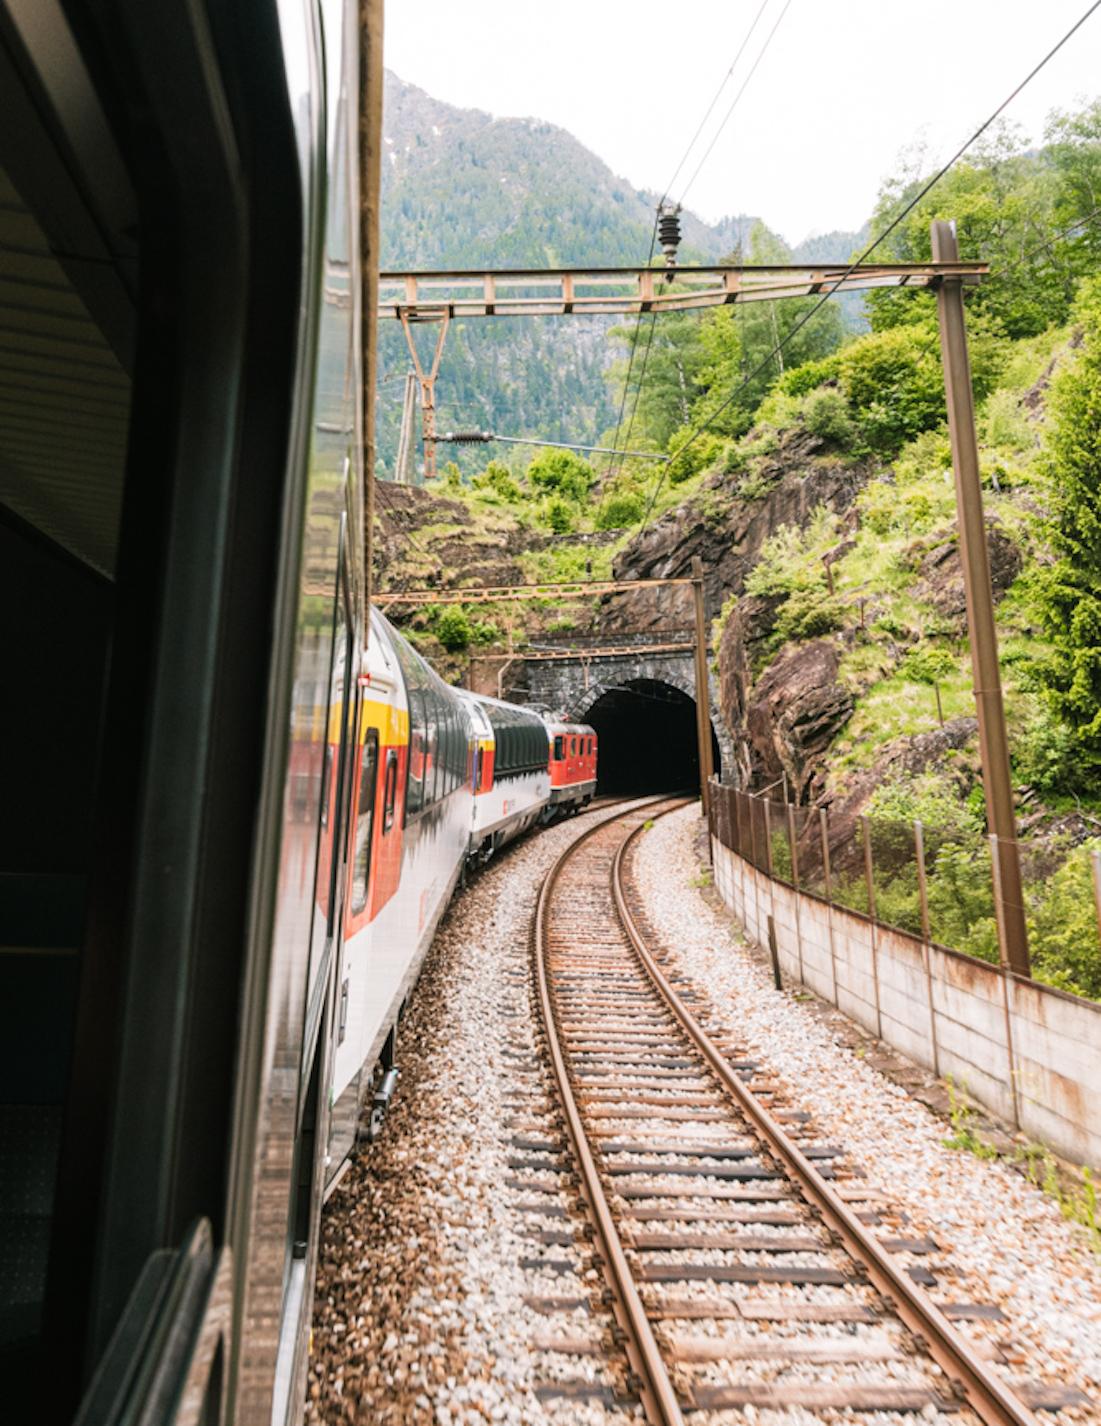 met de trein naar zwitserland_